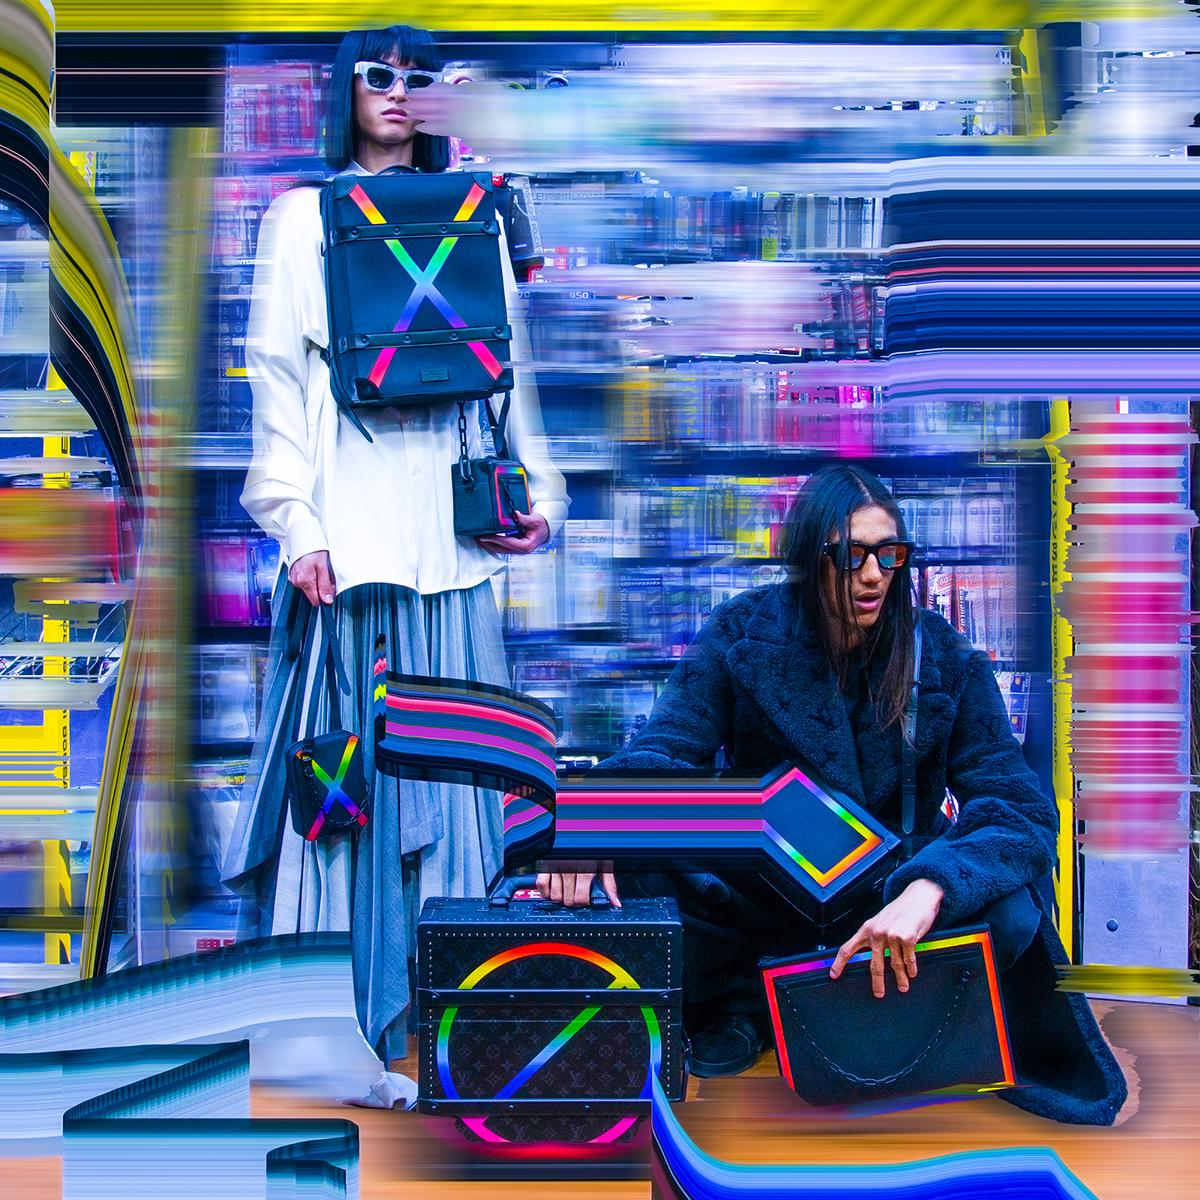 Louis Vuitton Hong Kong pop-up